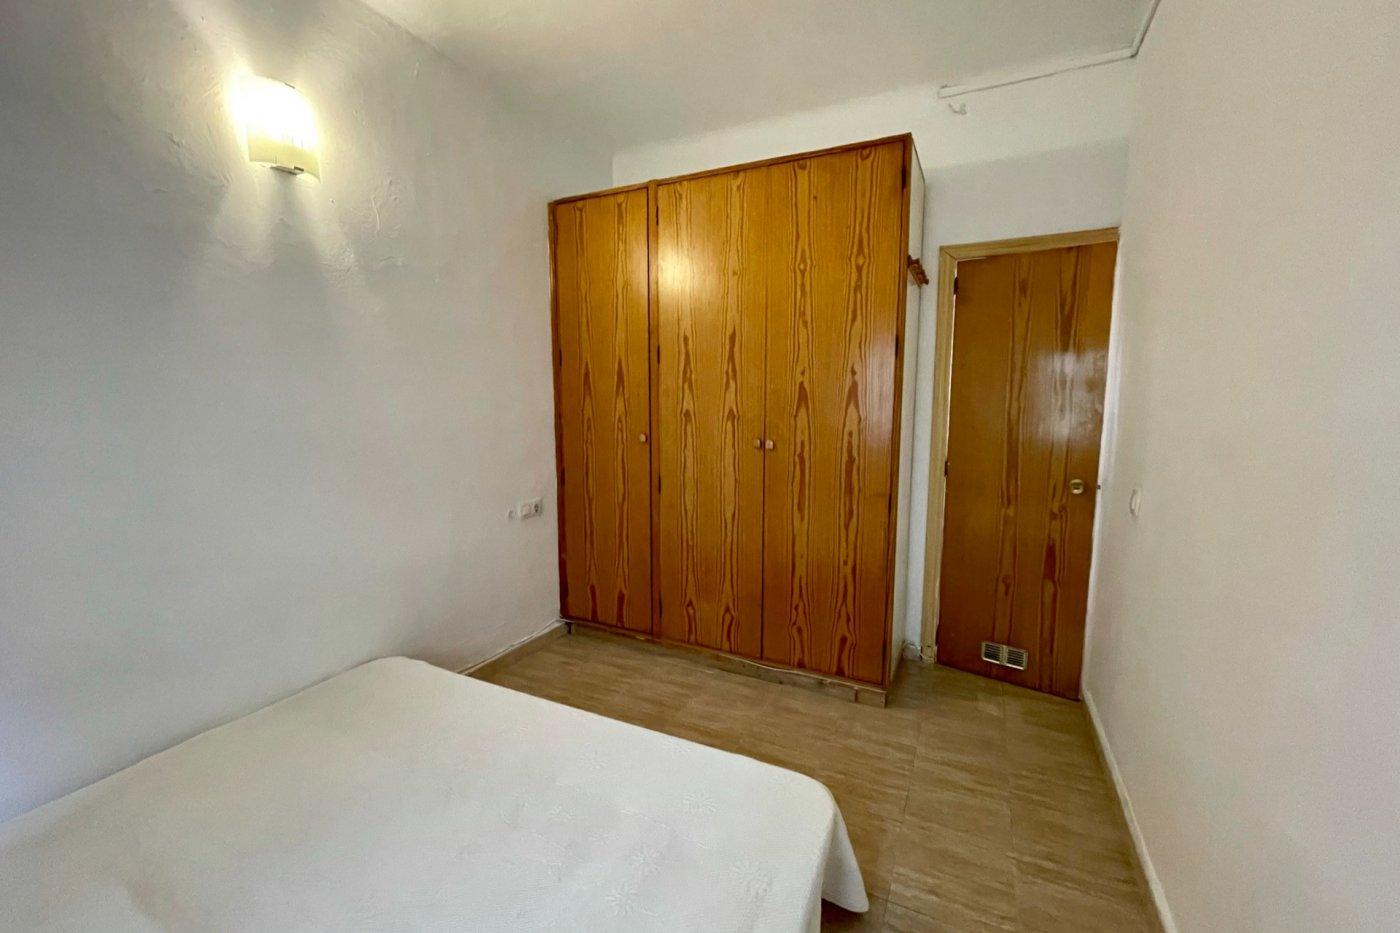 Primer piso semi amueblado de 52 m² de superficie (sin ascensor) en la zona de son cotoner - imagenInmueble3